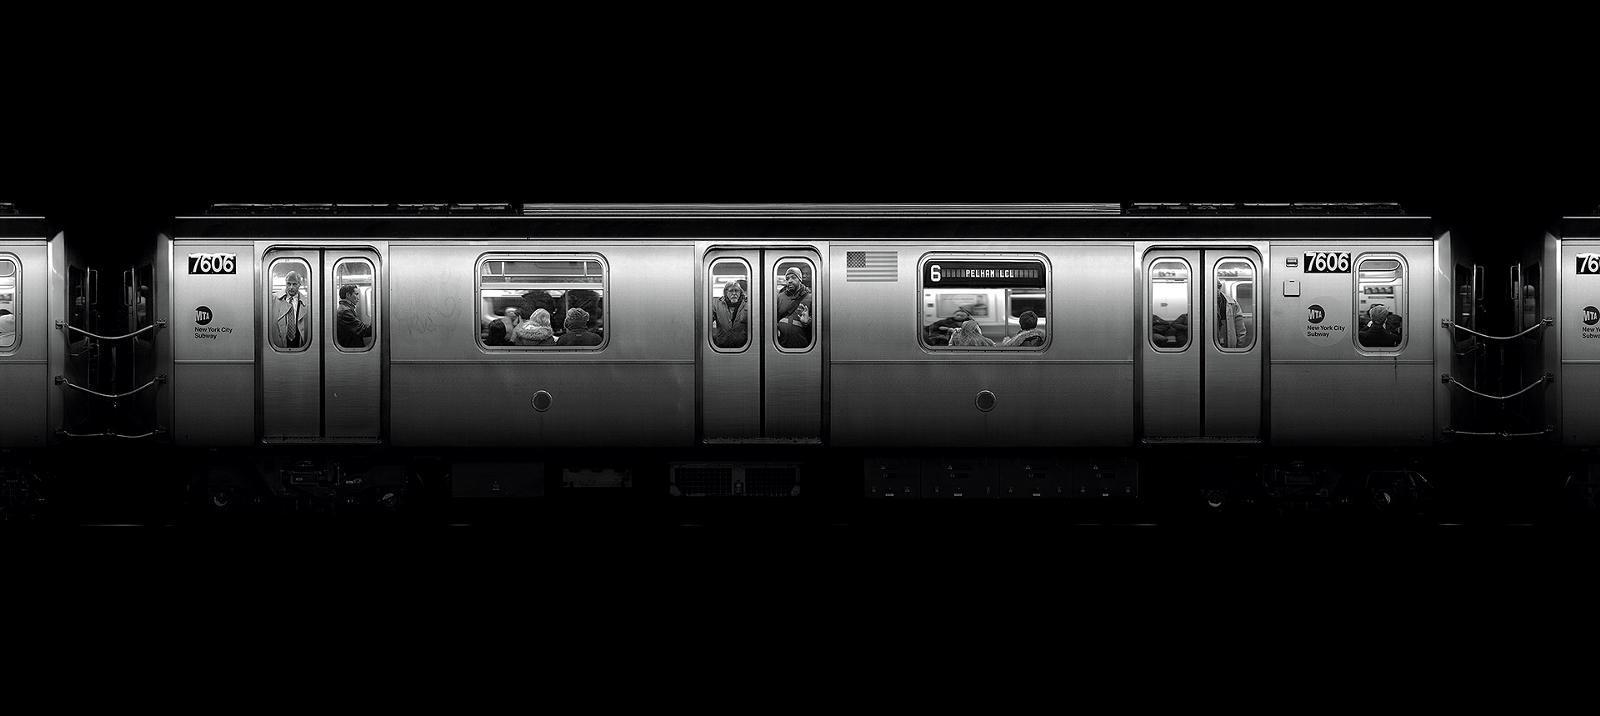 Fotograf, który zatrzymał czas. Fenomenalne zdjęcia i filmy przedstawiające stacje metra wielkich miast